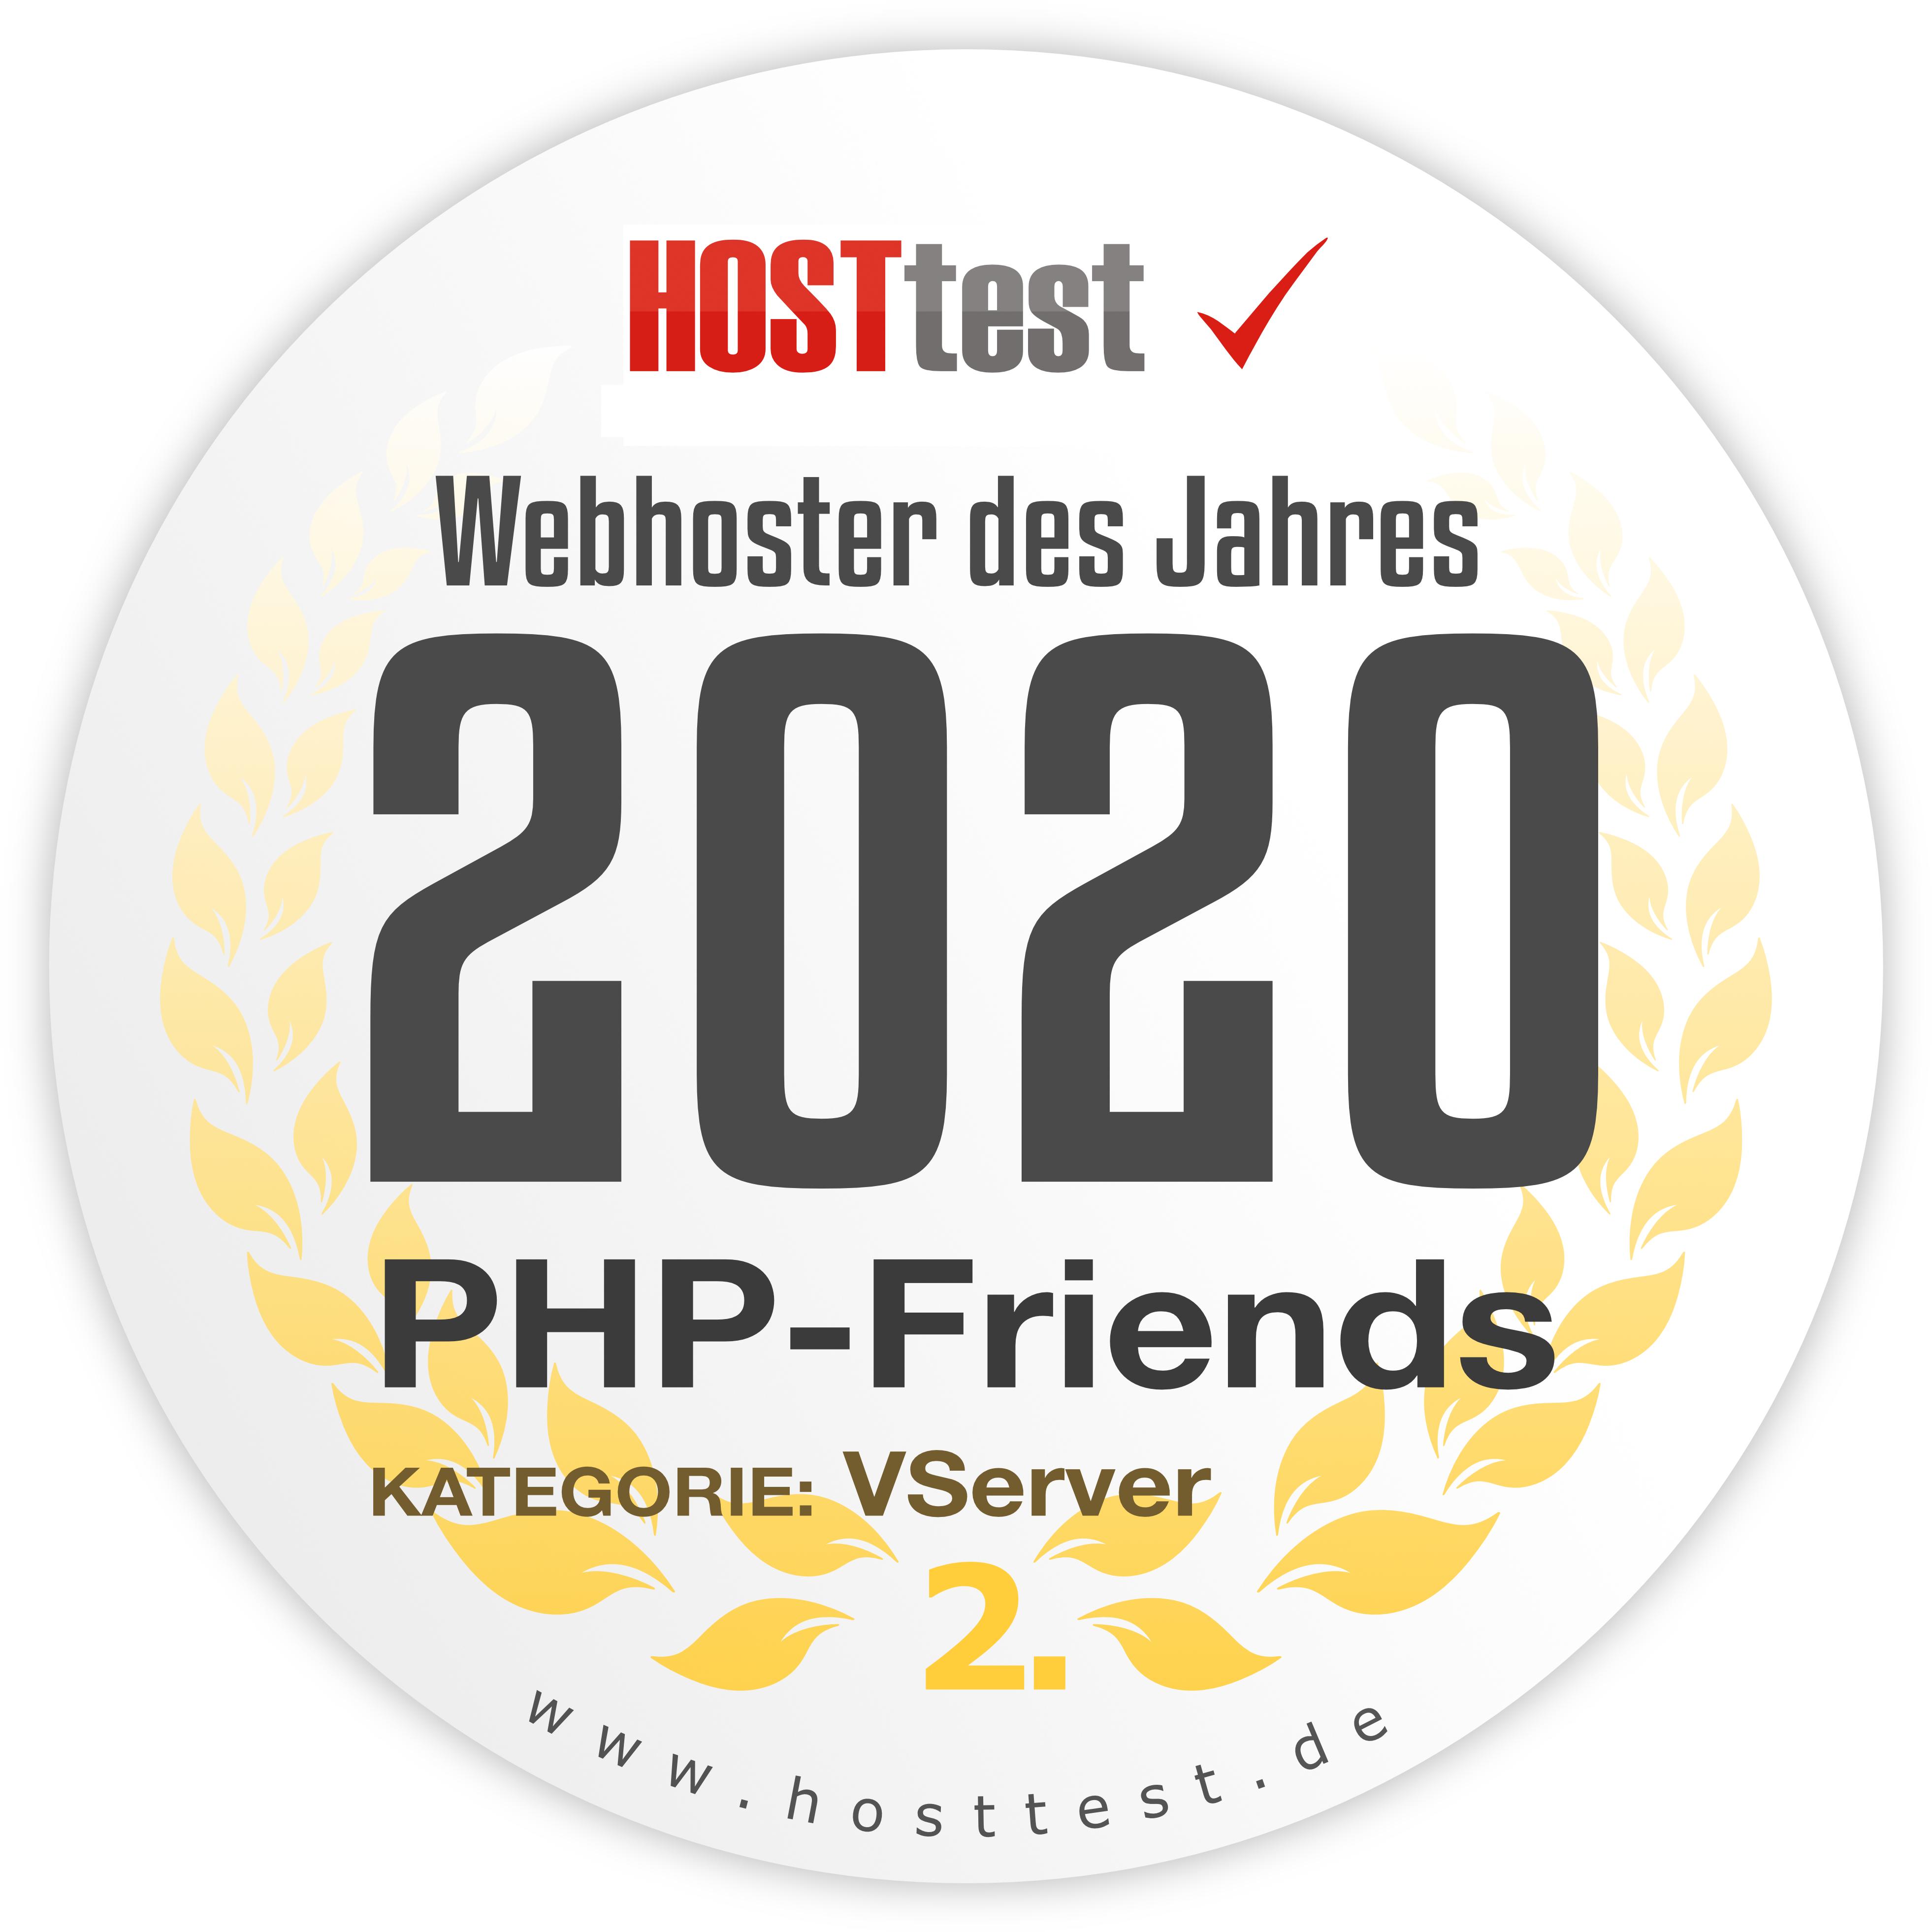 webhoster-des-jahres-2020